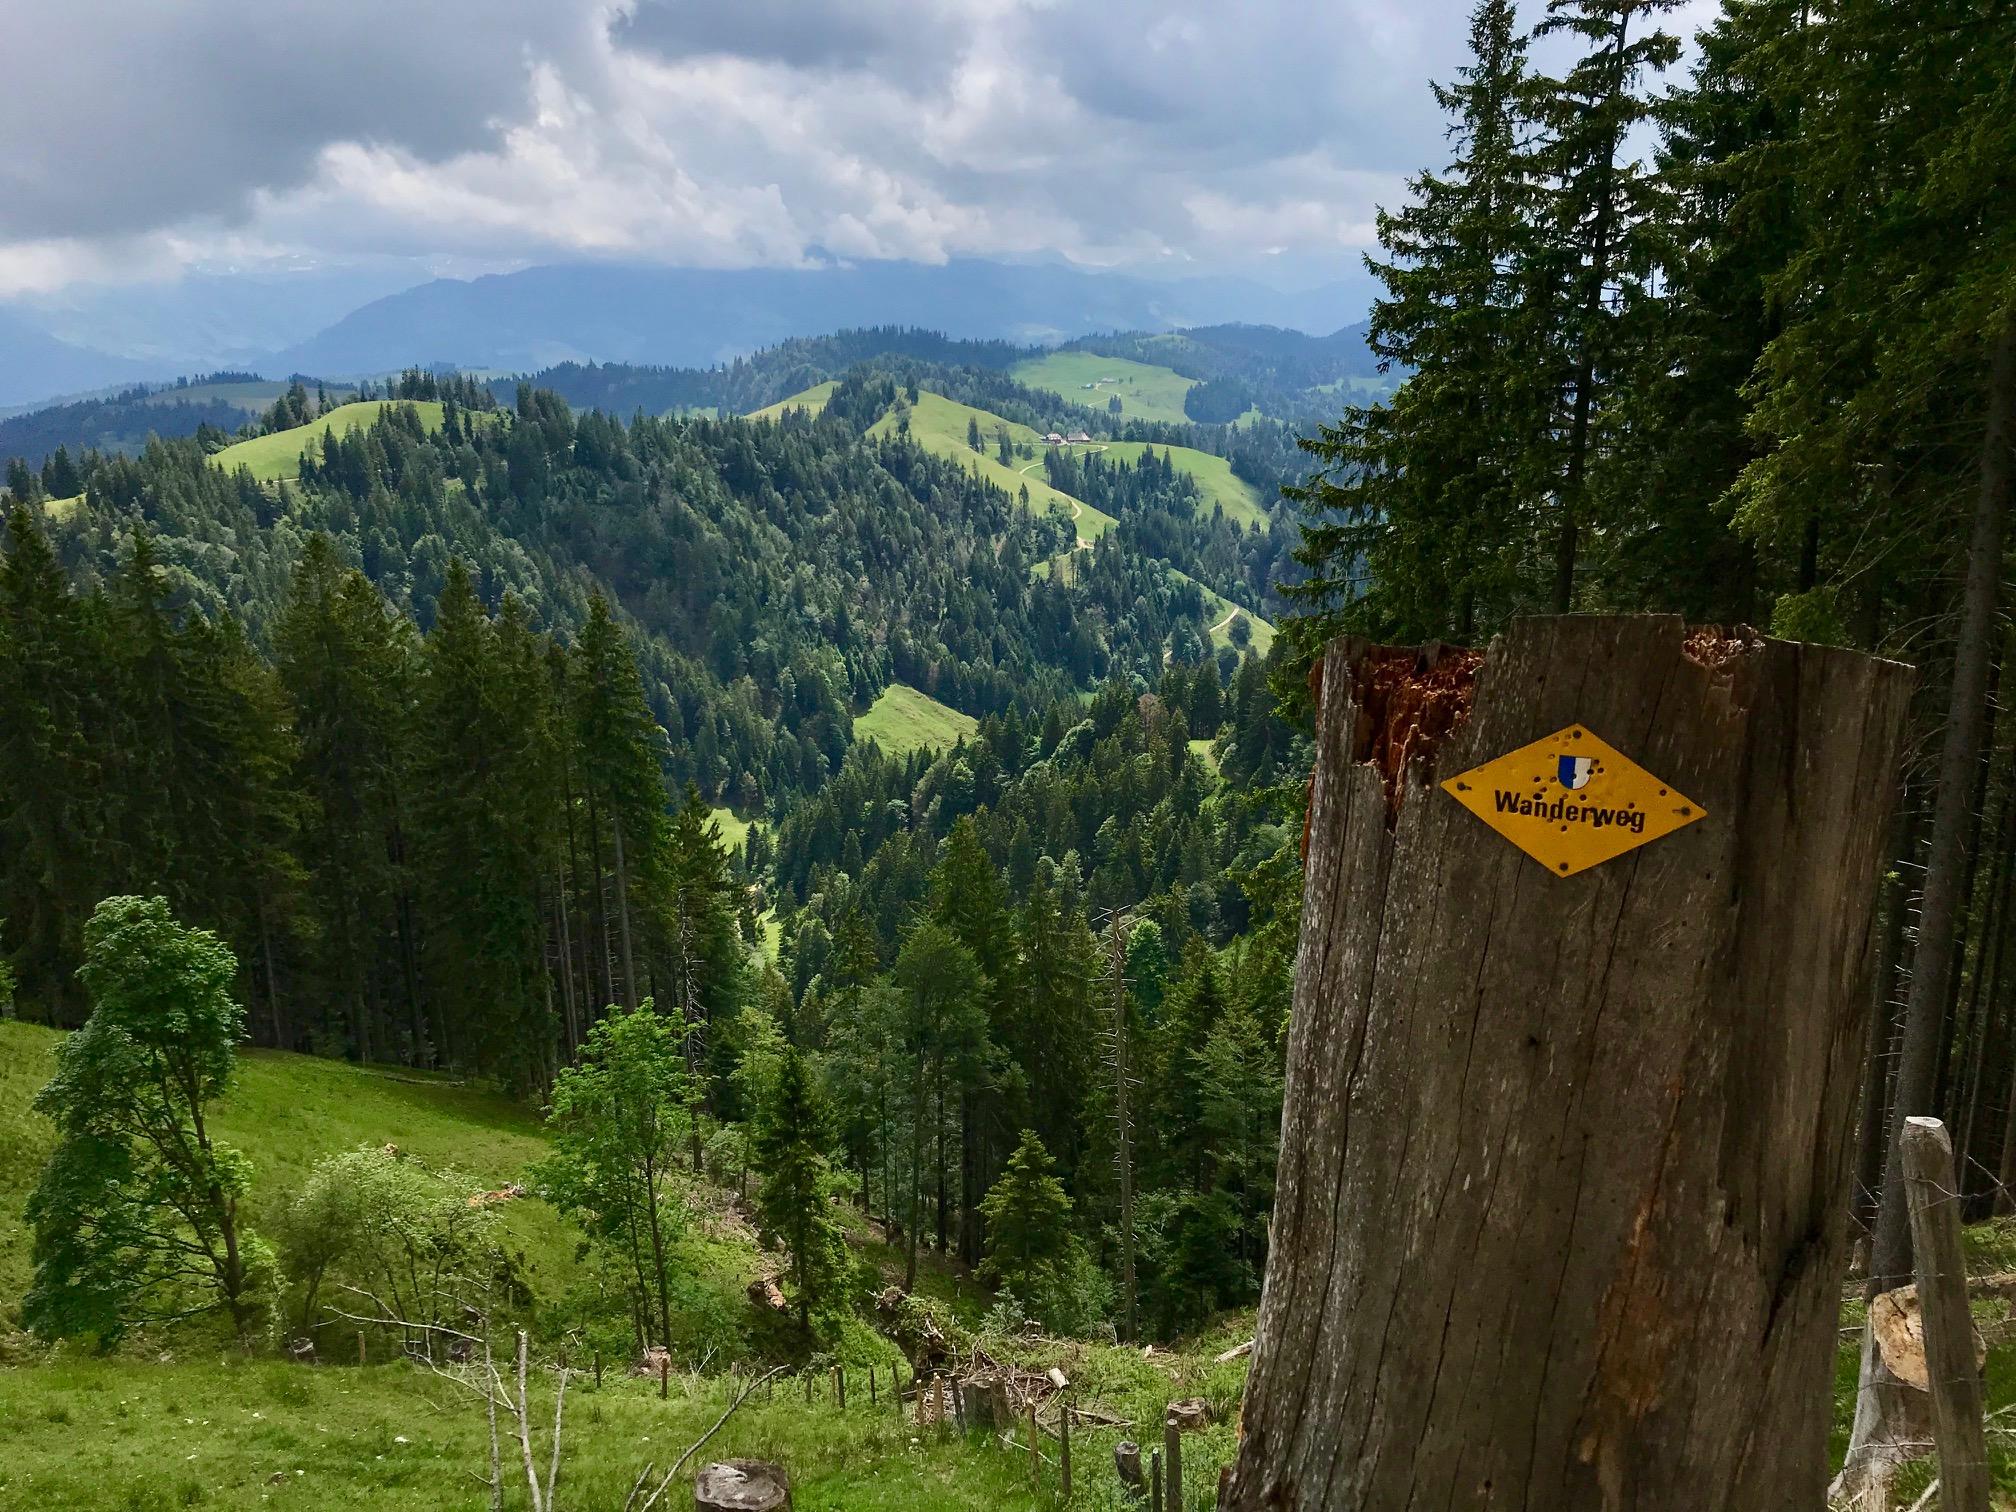 Wanderweg: in Zwitserland kun je natuurlijk perfect wandelen!